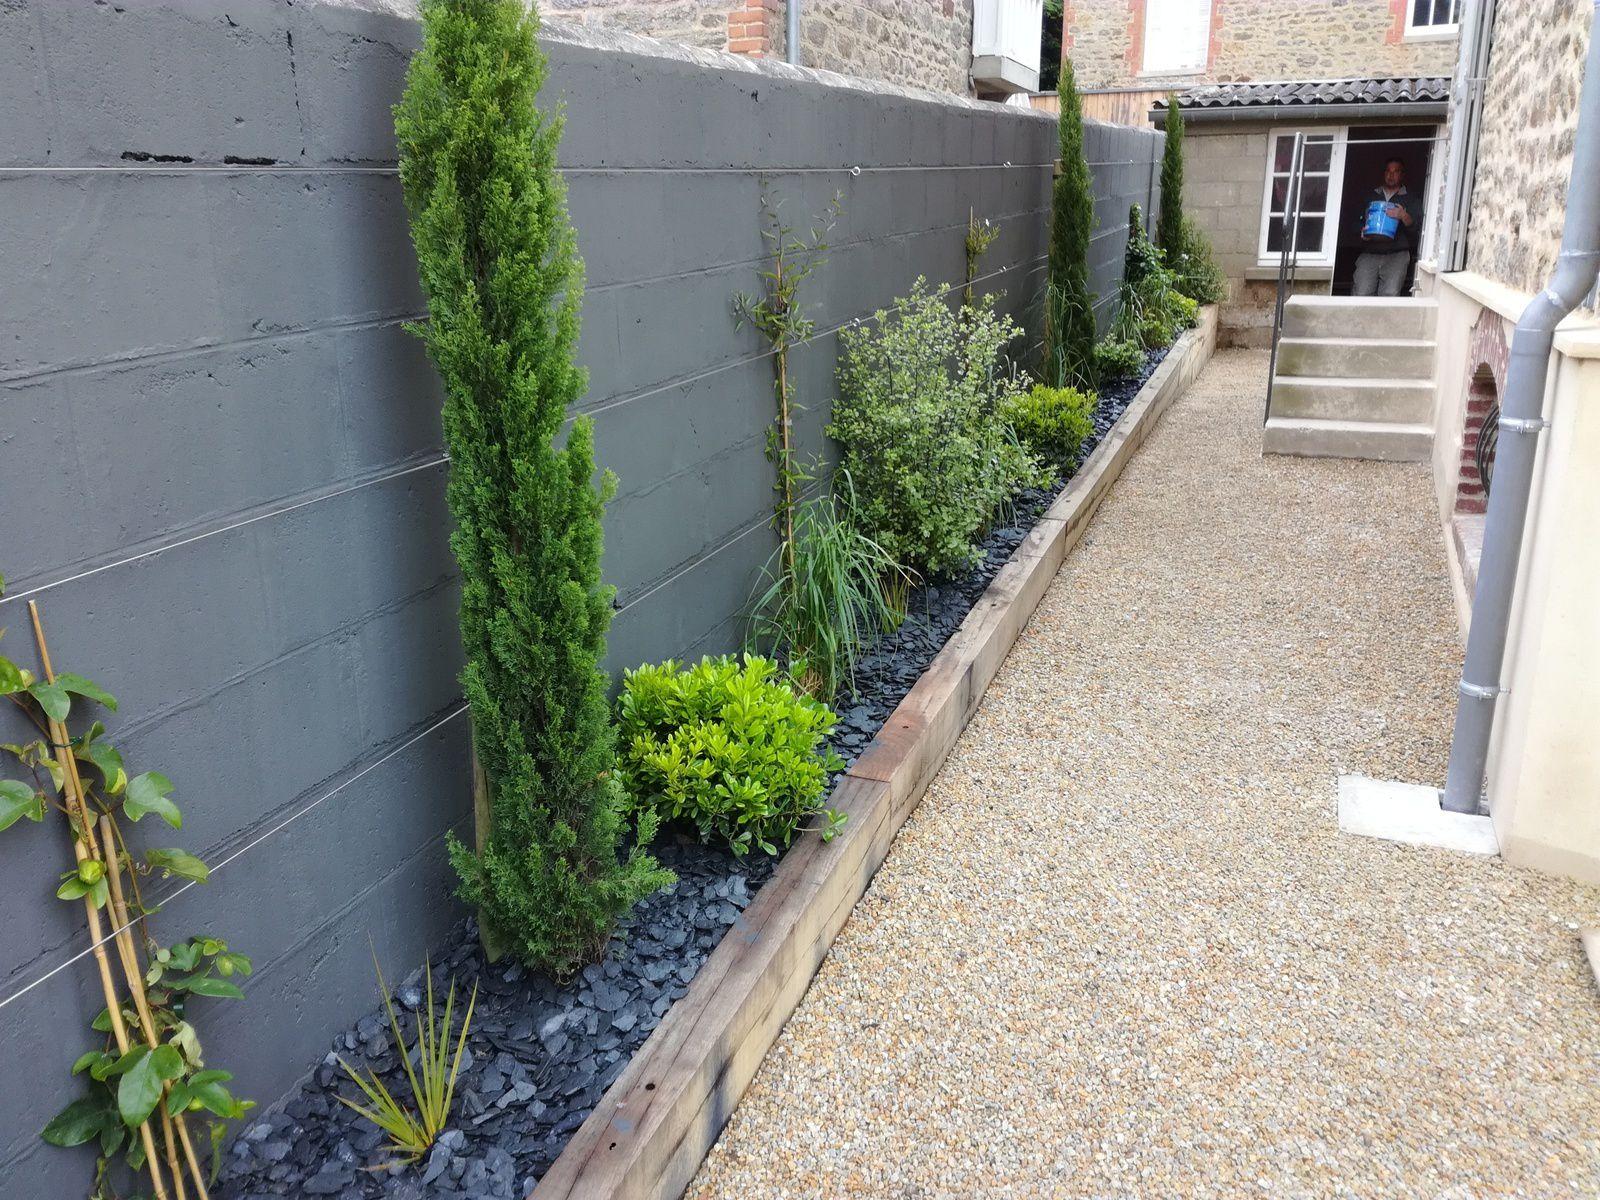 Am nagement ext rieur d 39 un jardin de ville reflets jardins for Amenagement jardin de ville